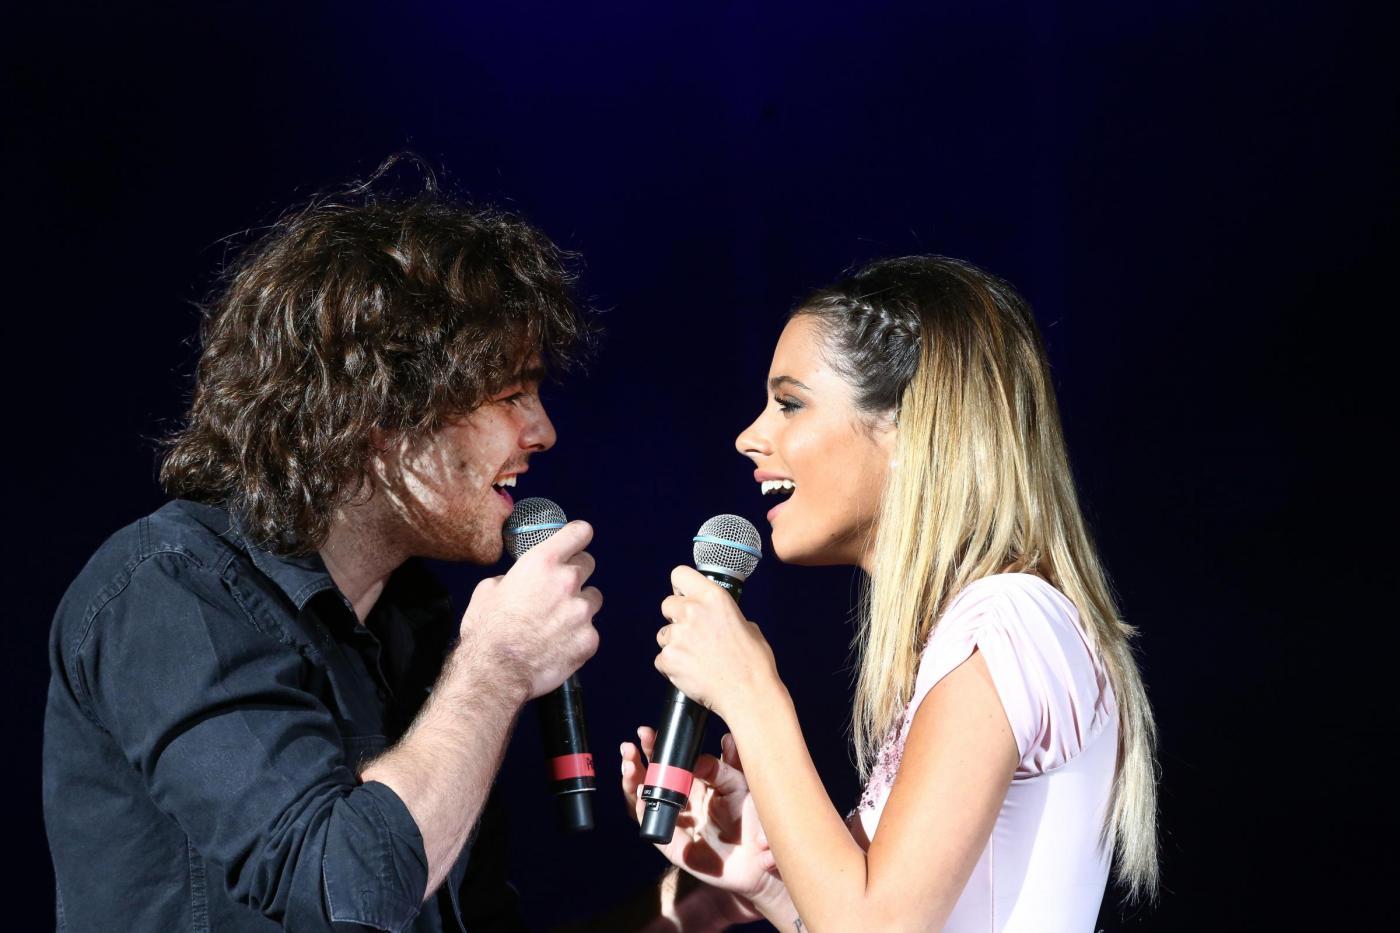 Violetta, Martina Stoessel, canta insieme al fidanzato Peter Lanzani FOTO